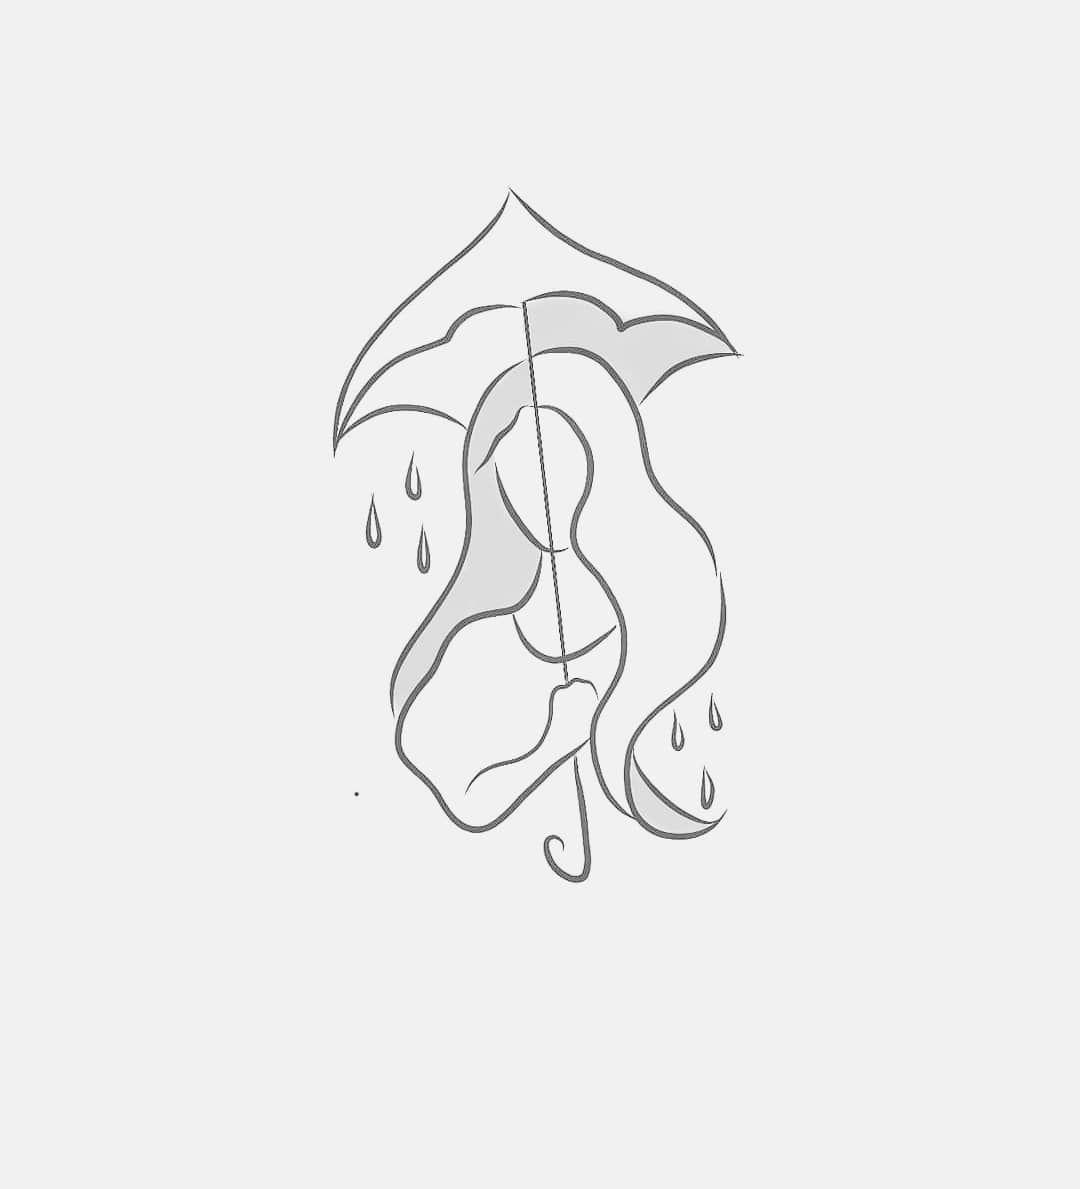 Fuori piove..dentro pure.. Disponibile🖤 . . . .  #minimal #artgallery #girltattoo #instatattoos #letteringtattoo #instatattoo #cagliarigram #igerscagliari #femmetattoo #tatuatorisardegna #ig_sardinia #instartoftheday #cagliari_photogroup #tatuatoricagliari #cagliari_illife #femmetattoo #tattoominimal #finelinetattoo #cagliarigirl #tattoosofinstagram #cagliaritattoo #tatuatoriitaliani #tattoocagliari #finelinetattoos #mininalismo #minimalism #minimaltattoo #cagliaricity